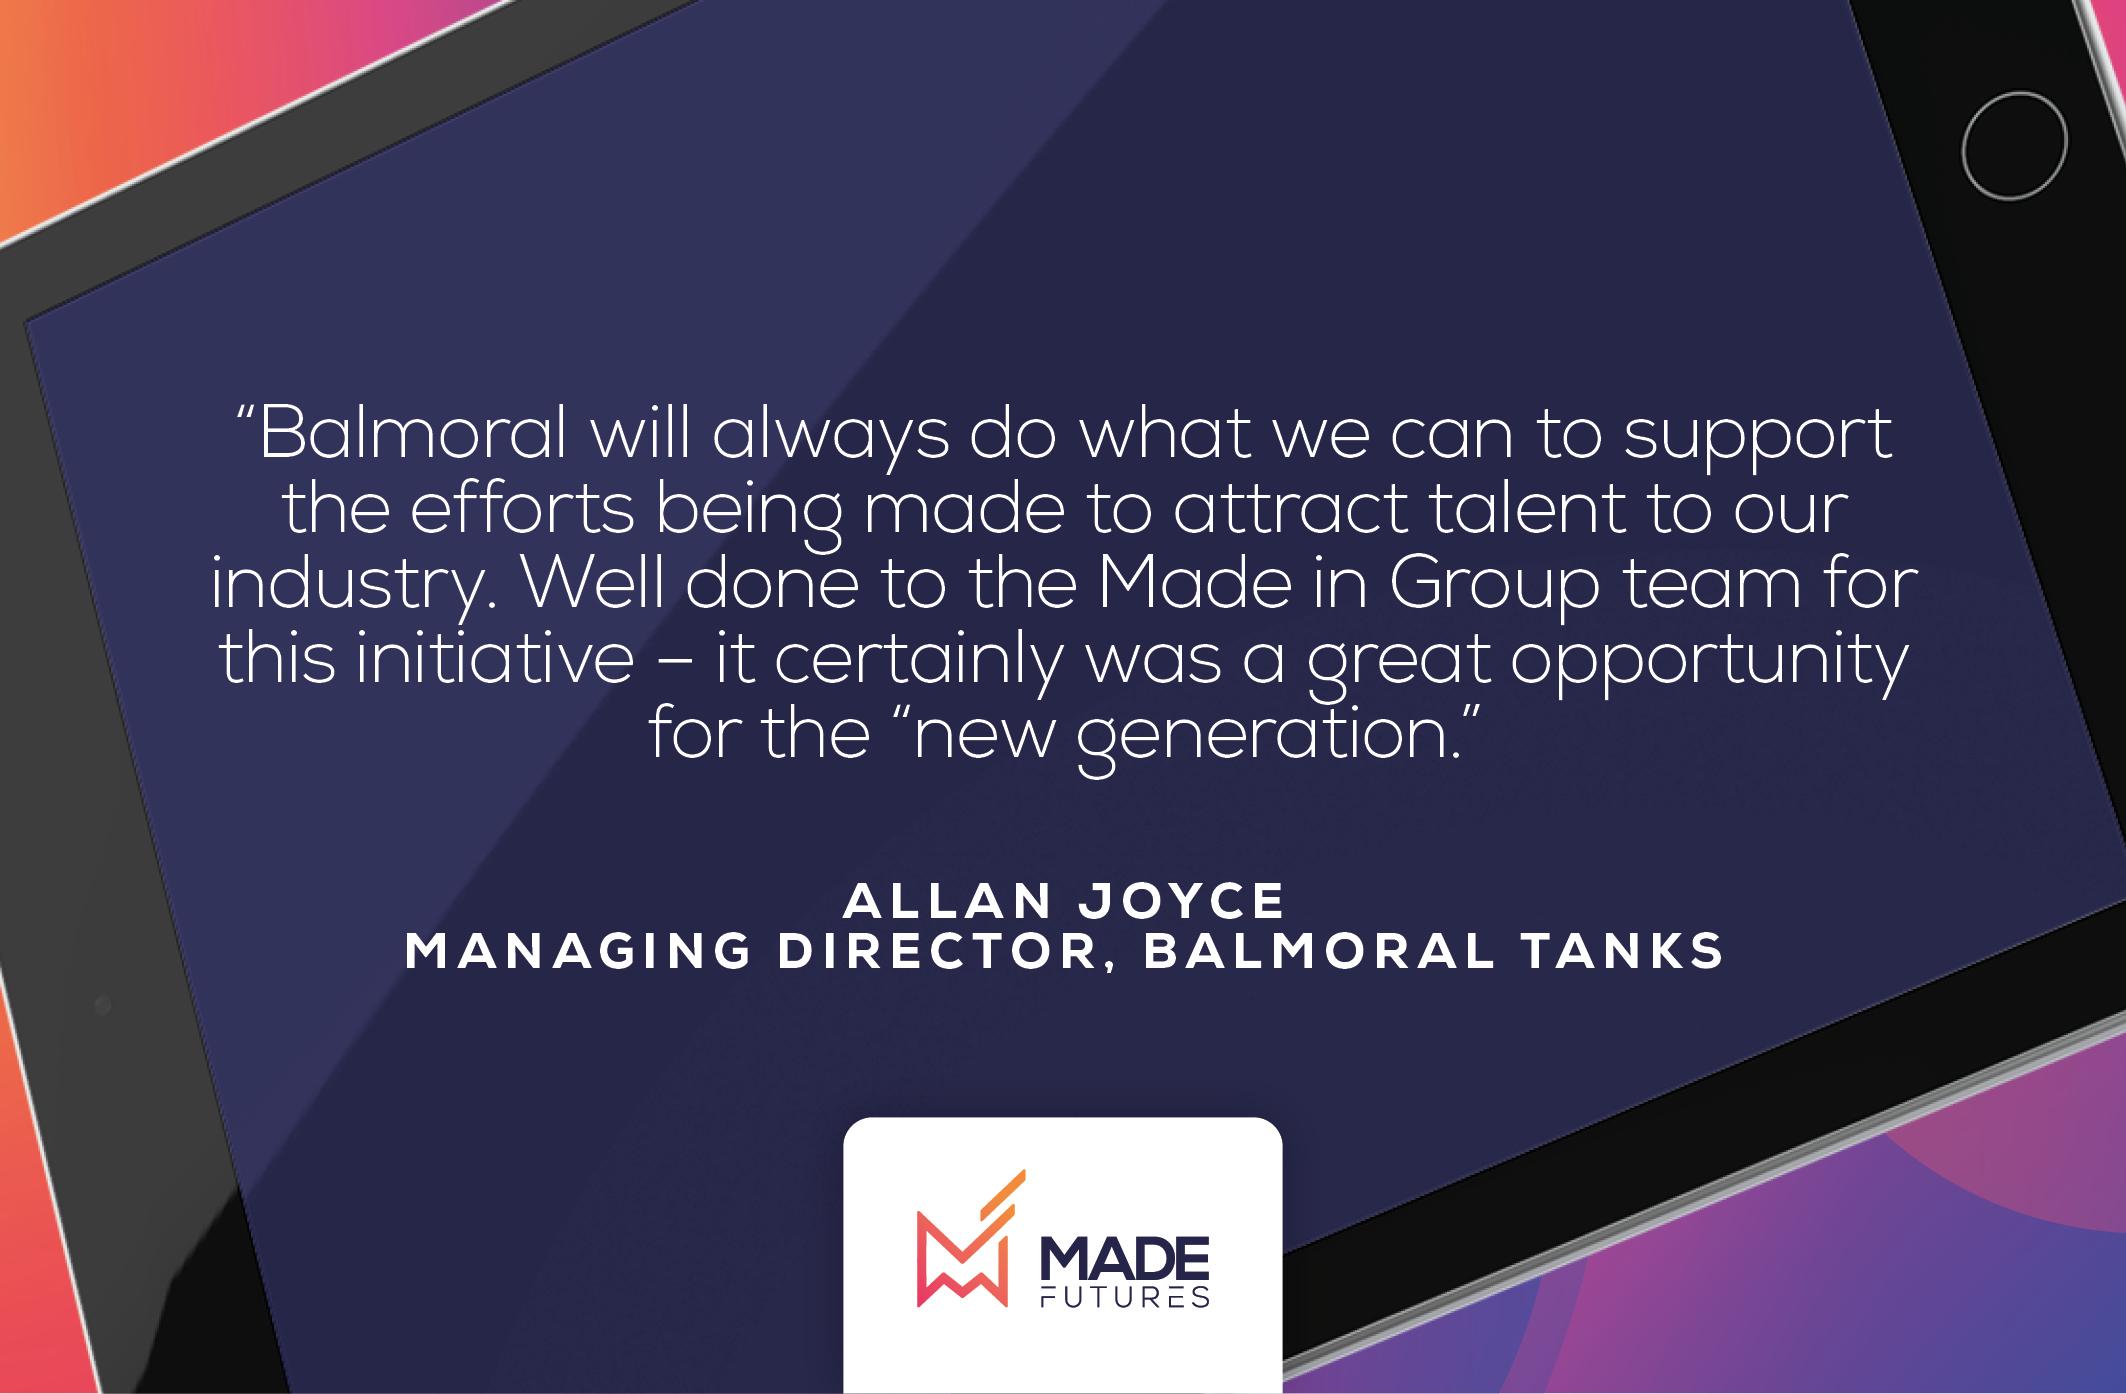 Testimonial by Allan Joyce, Managing director, Balmoral Tanks